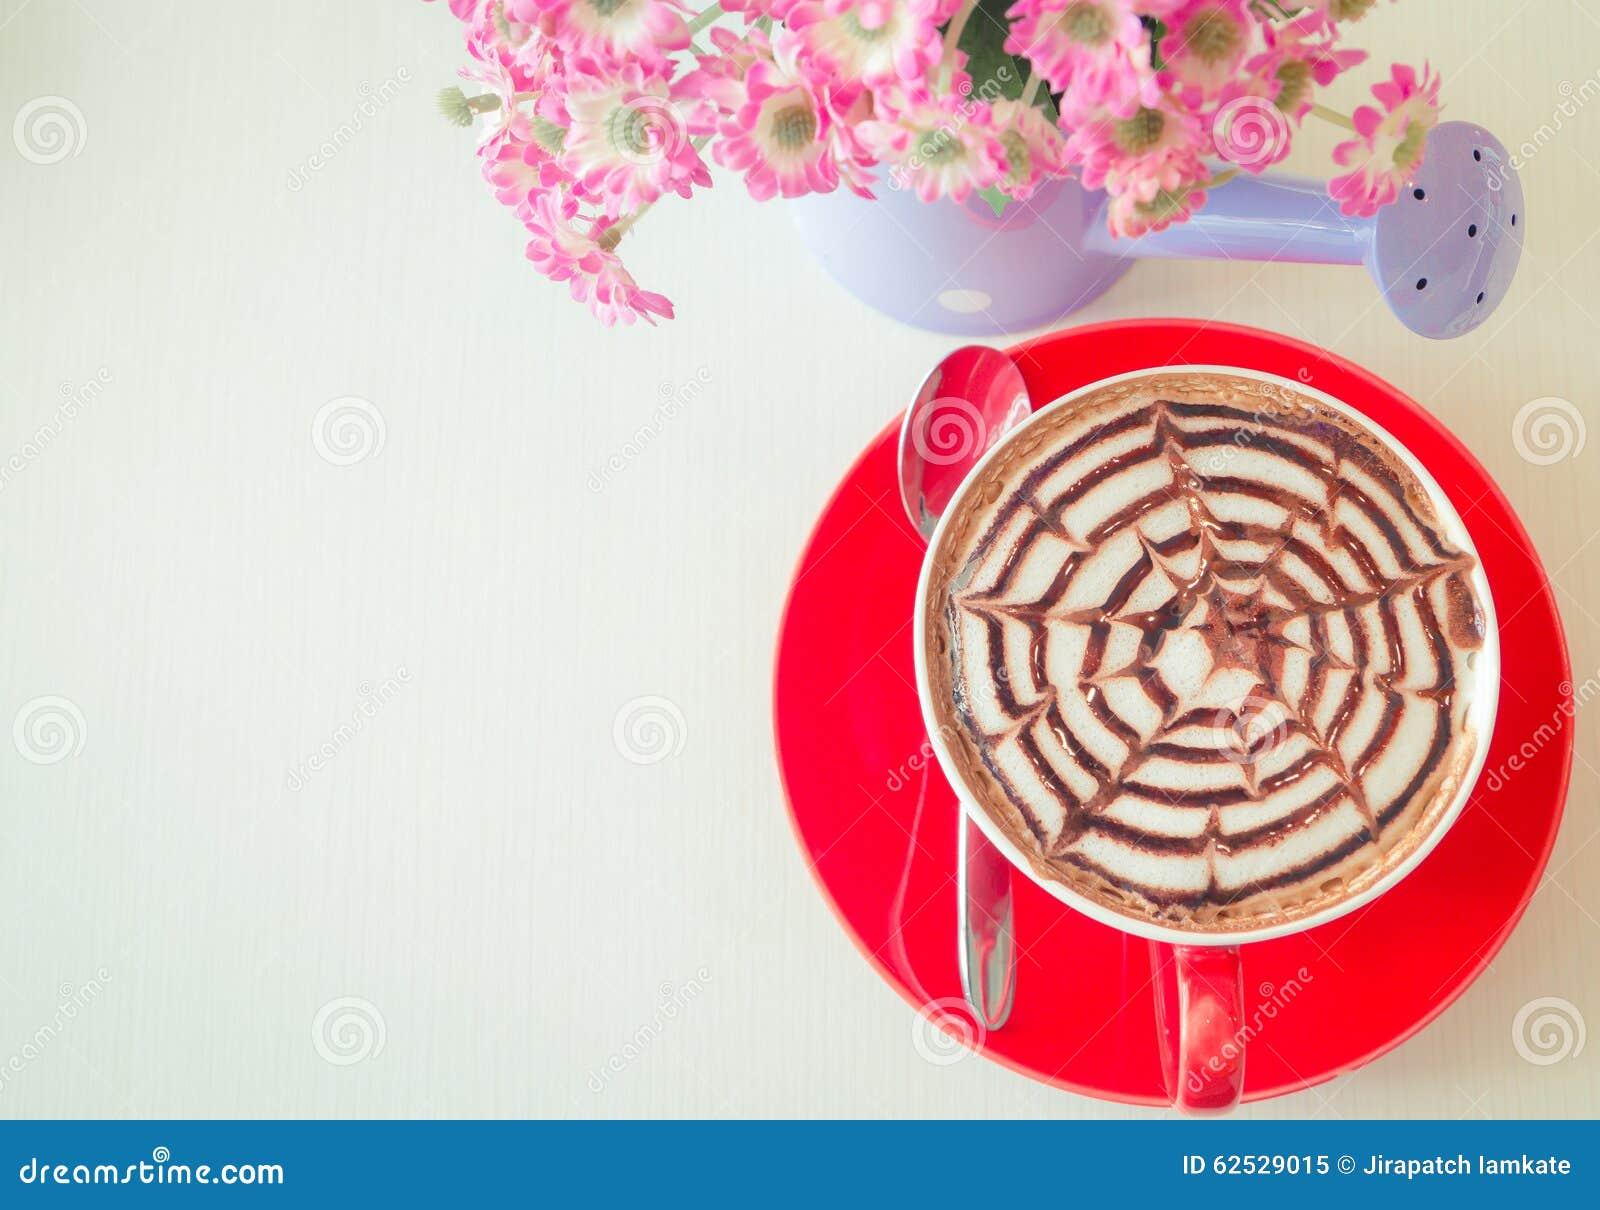 顶视图红色咖啡与花瓶的花